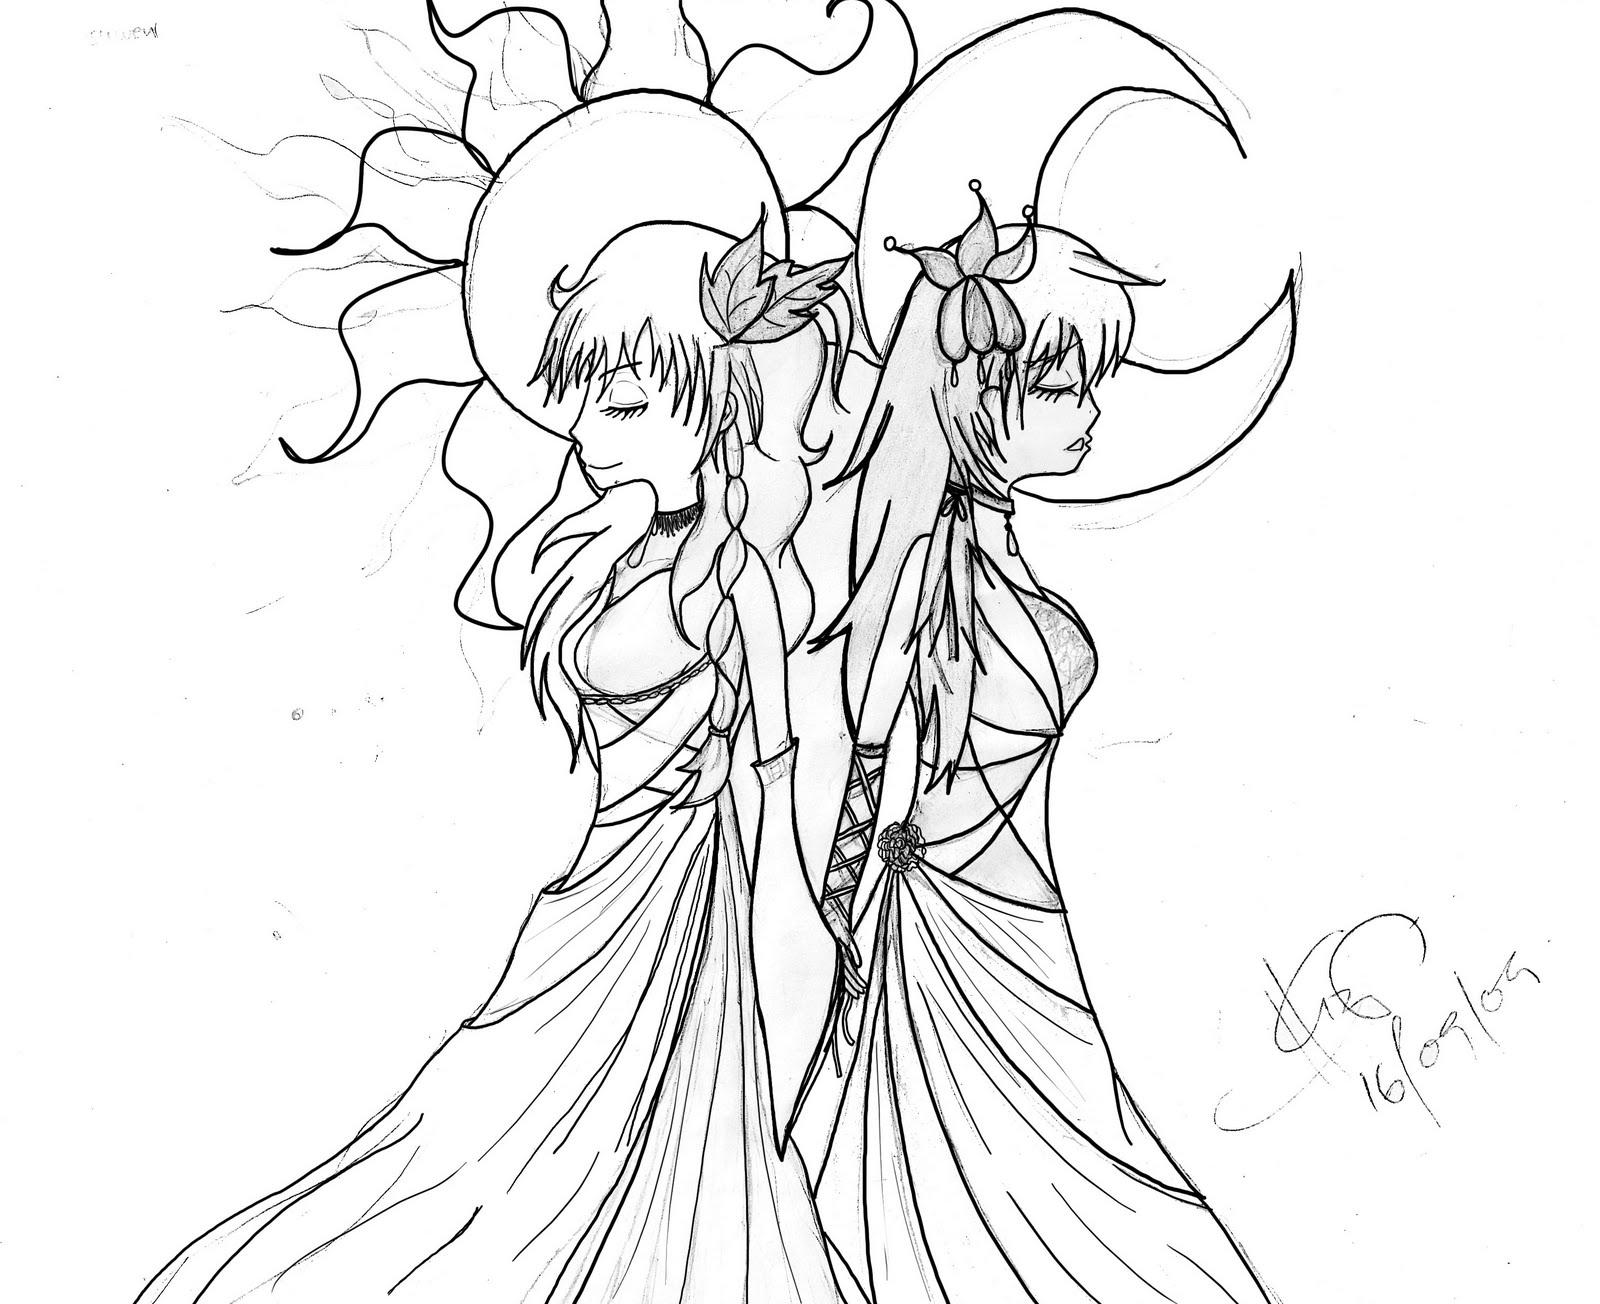 anime twins good and bad